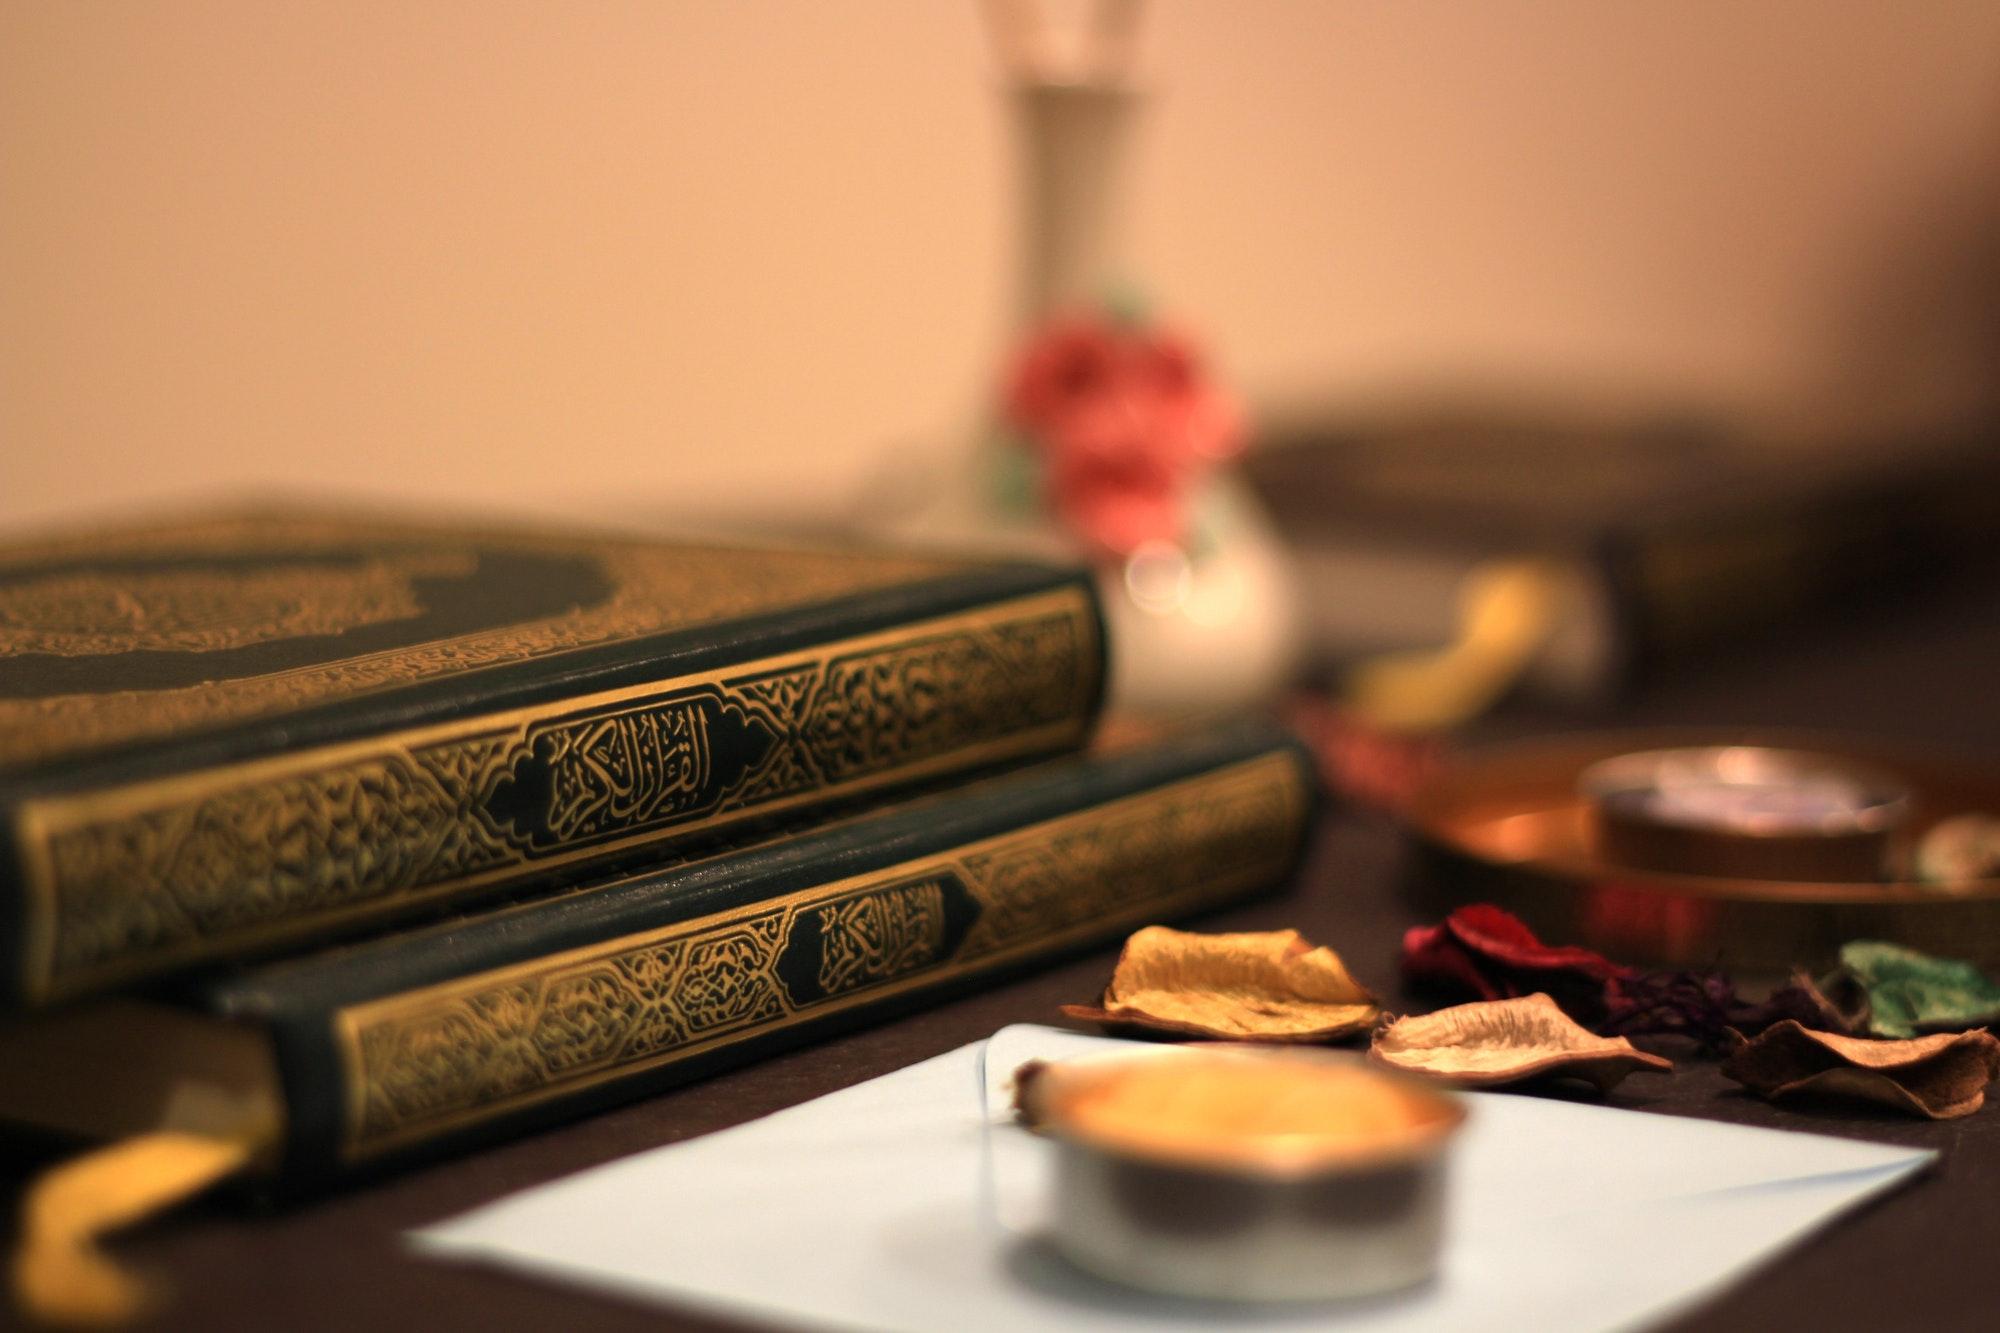 كيفية تعلم تلاوة القرآن الكريم